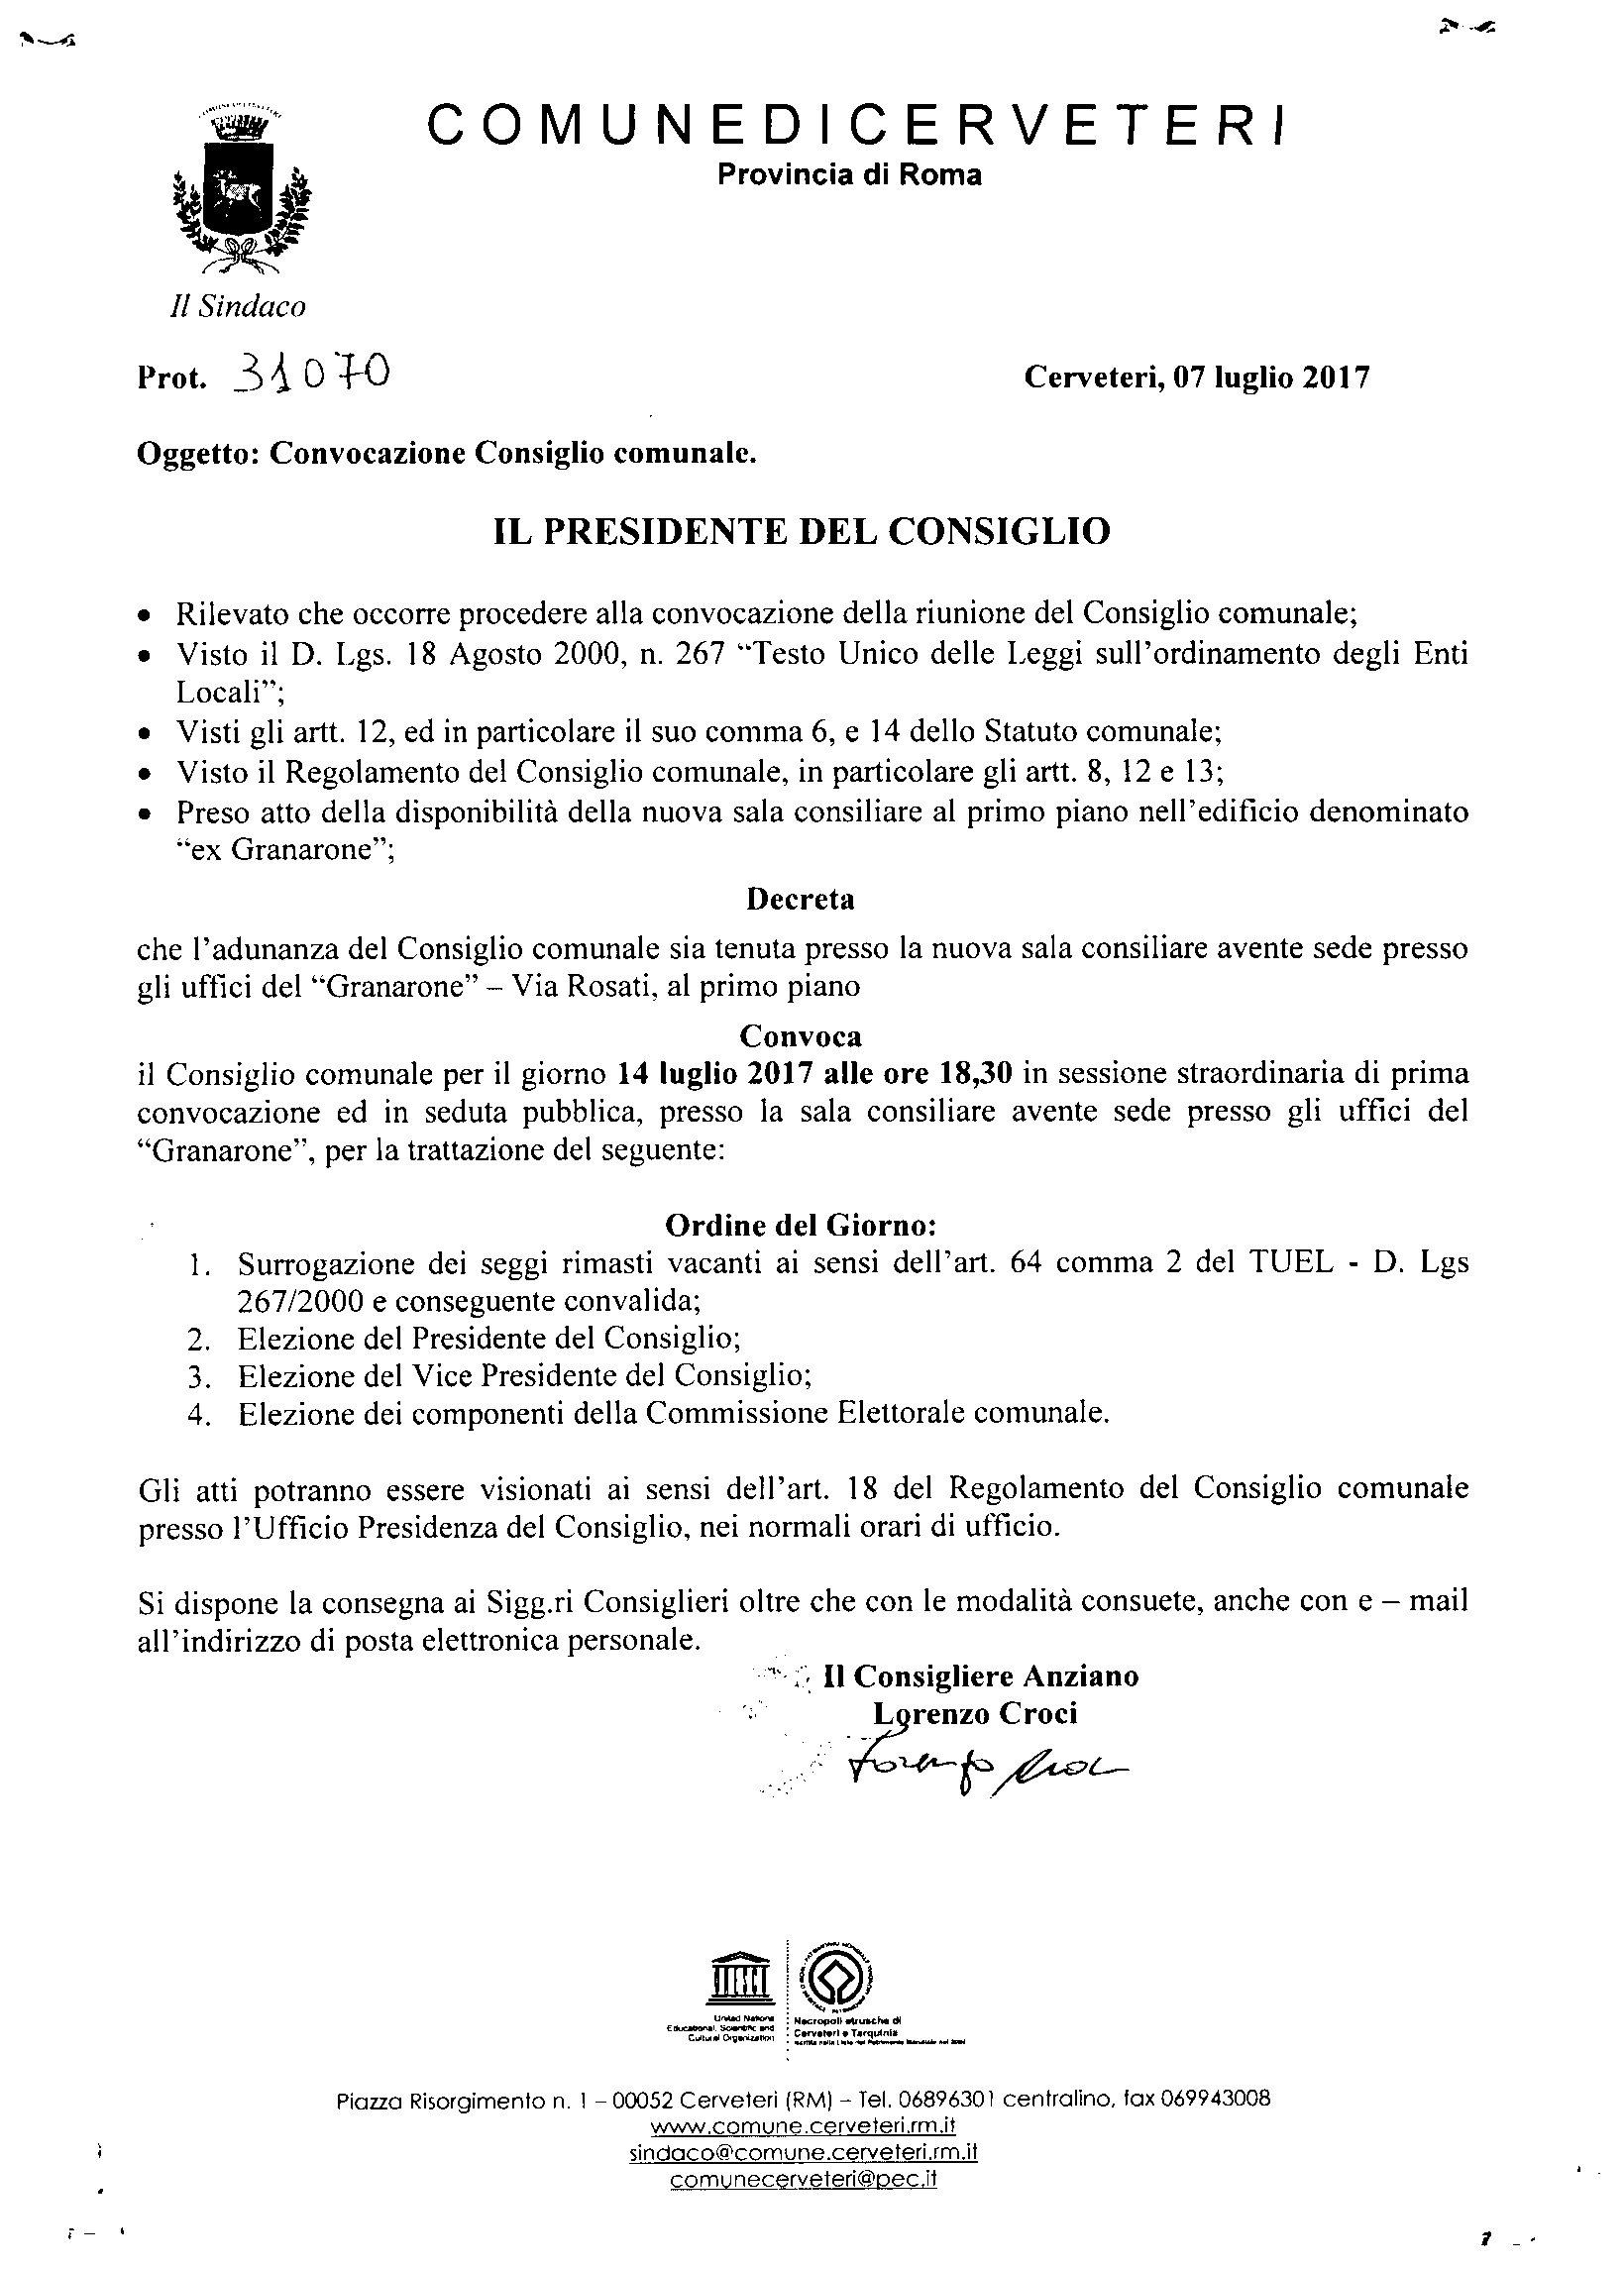 Convocazione del Consiglio Comunale del 14/07/2017